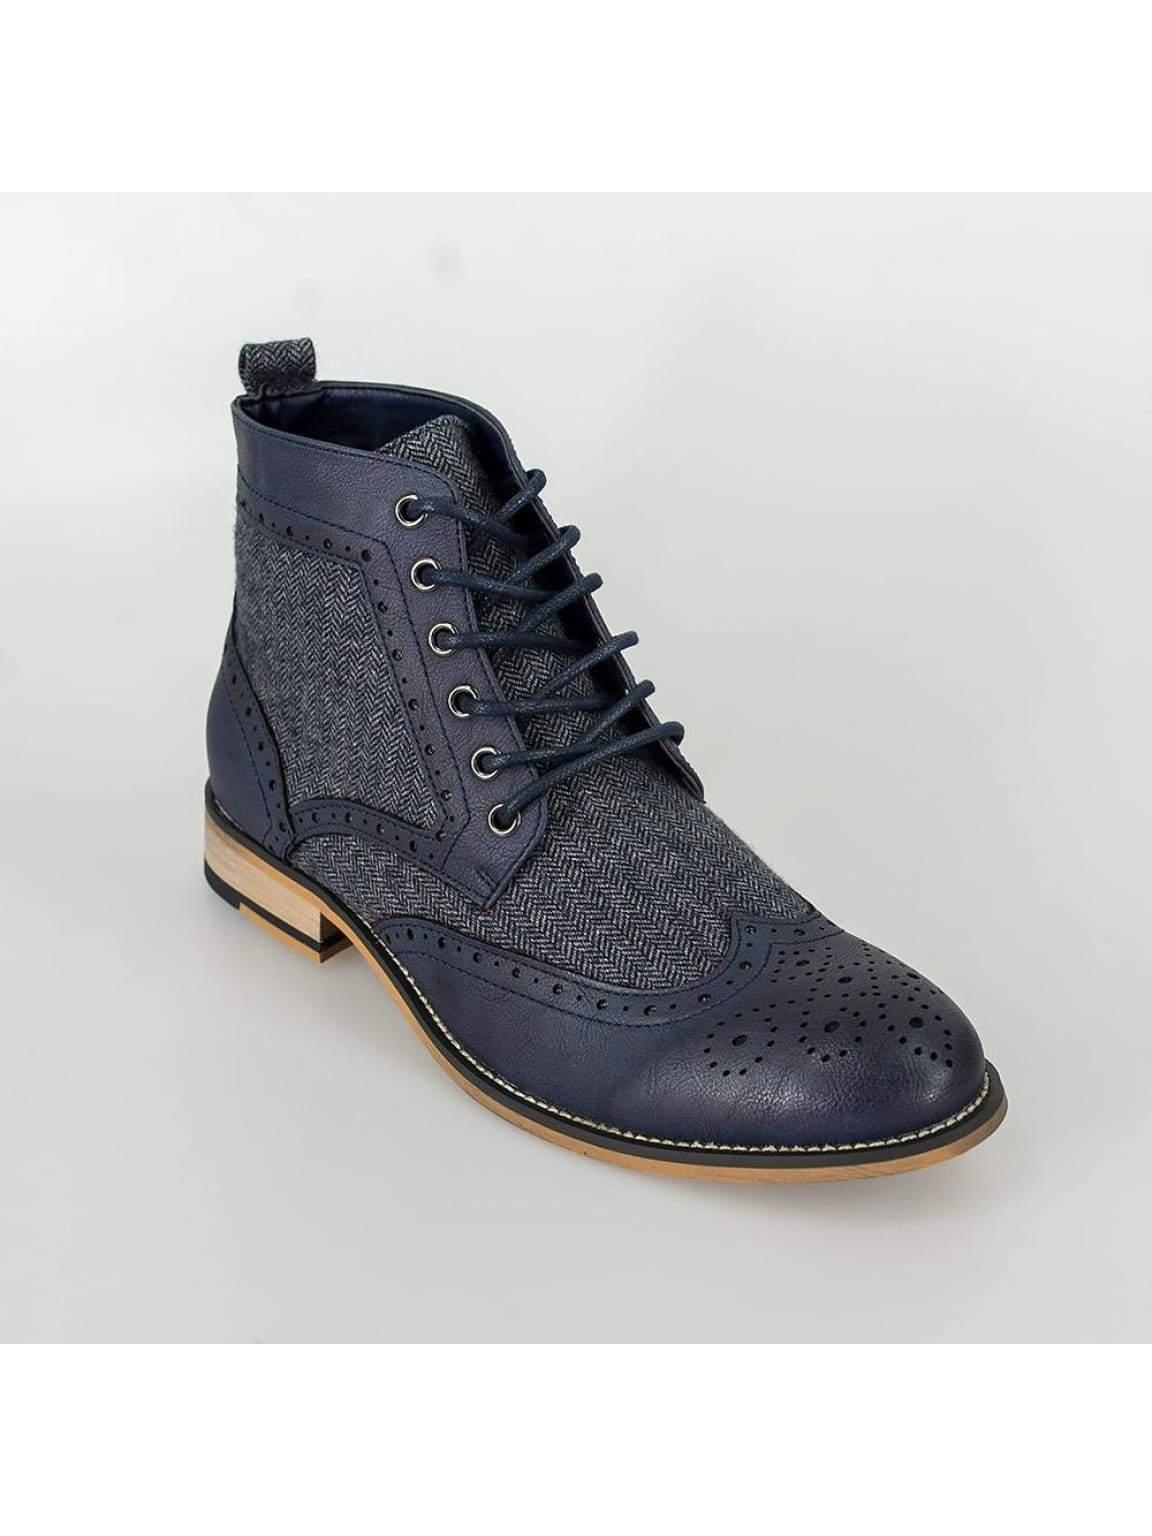 Cavani Sherlock Navy Mens Tweed Brogue Shoes - Shoes